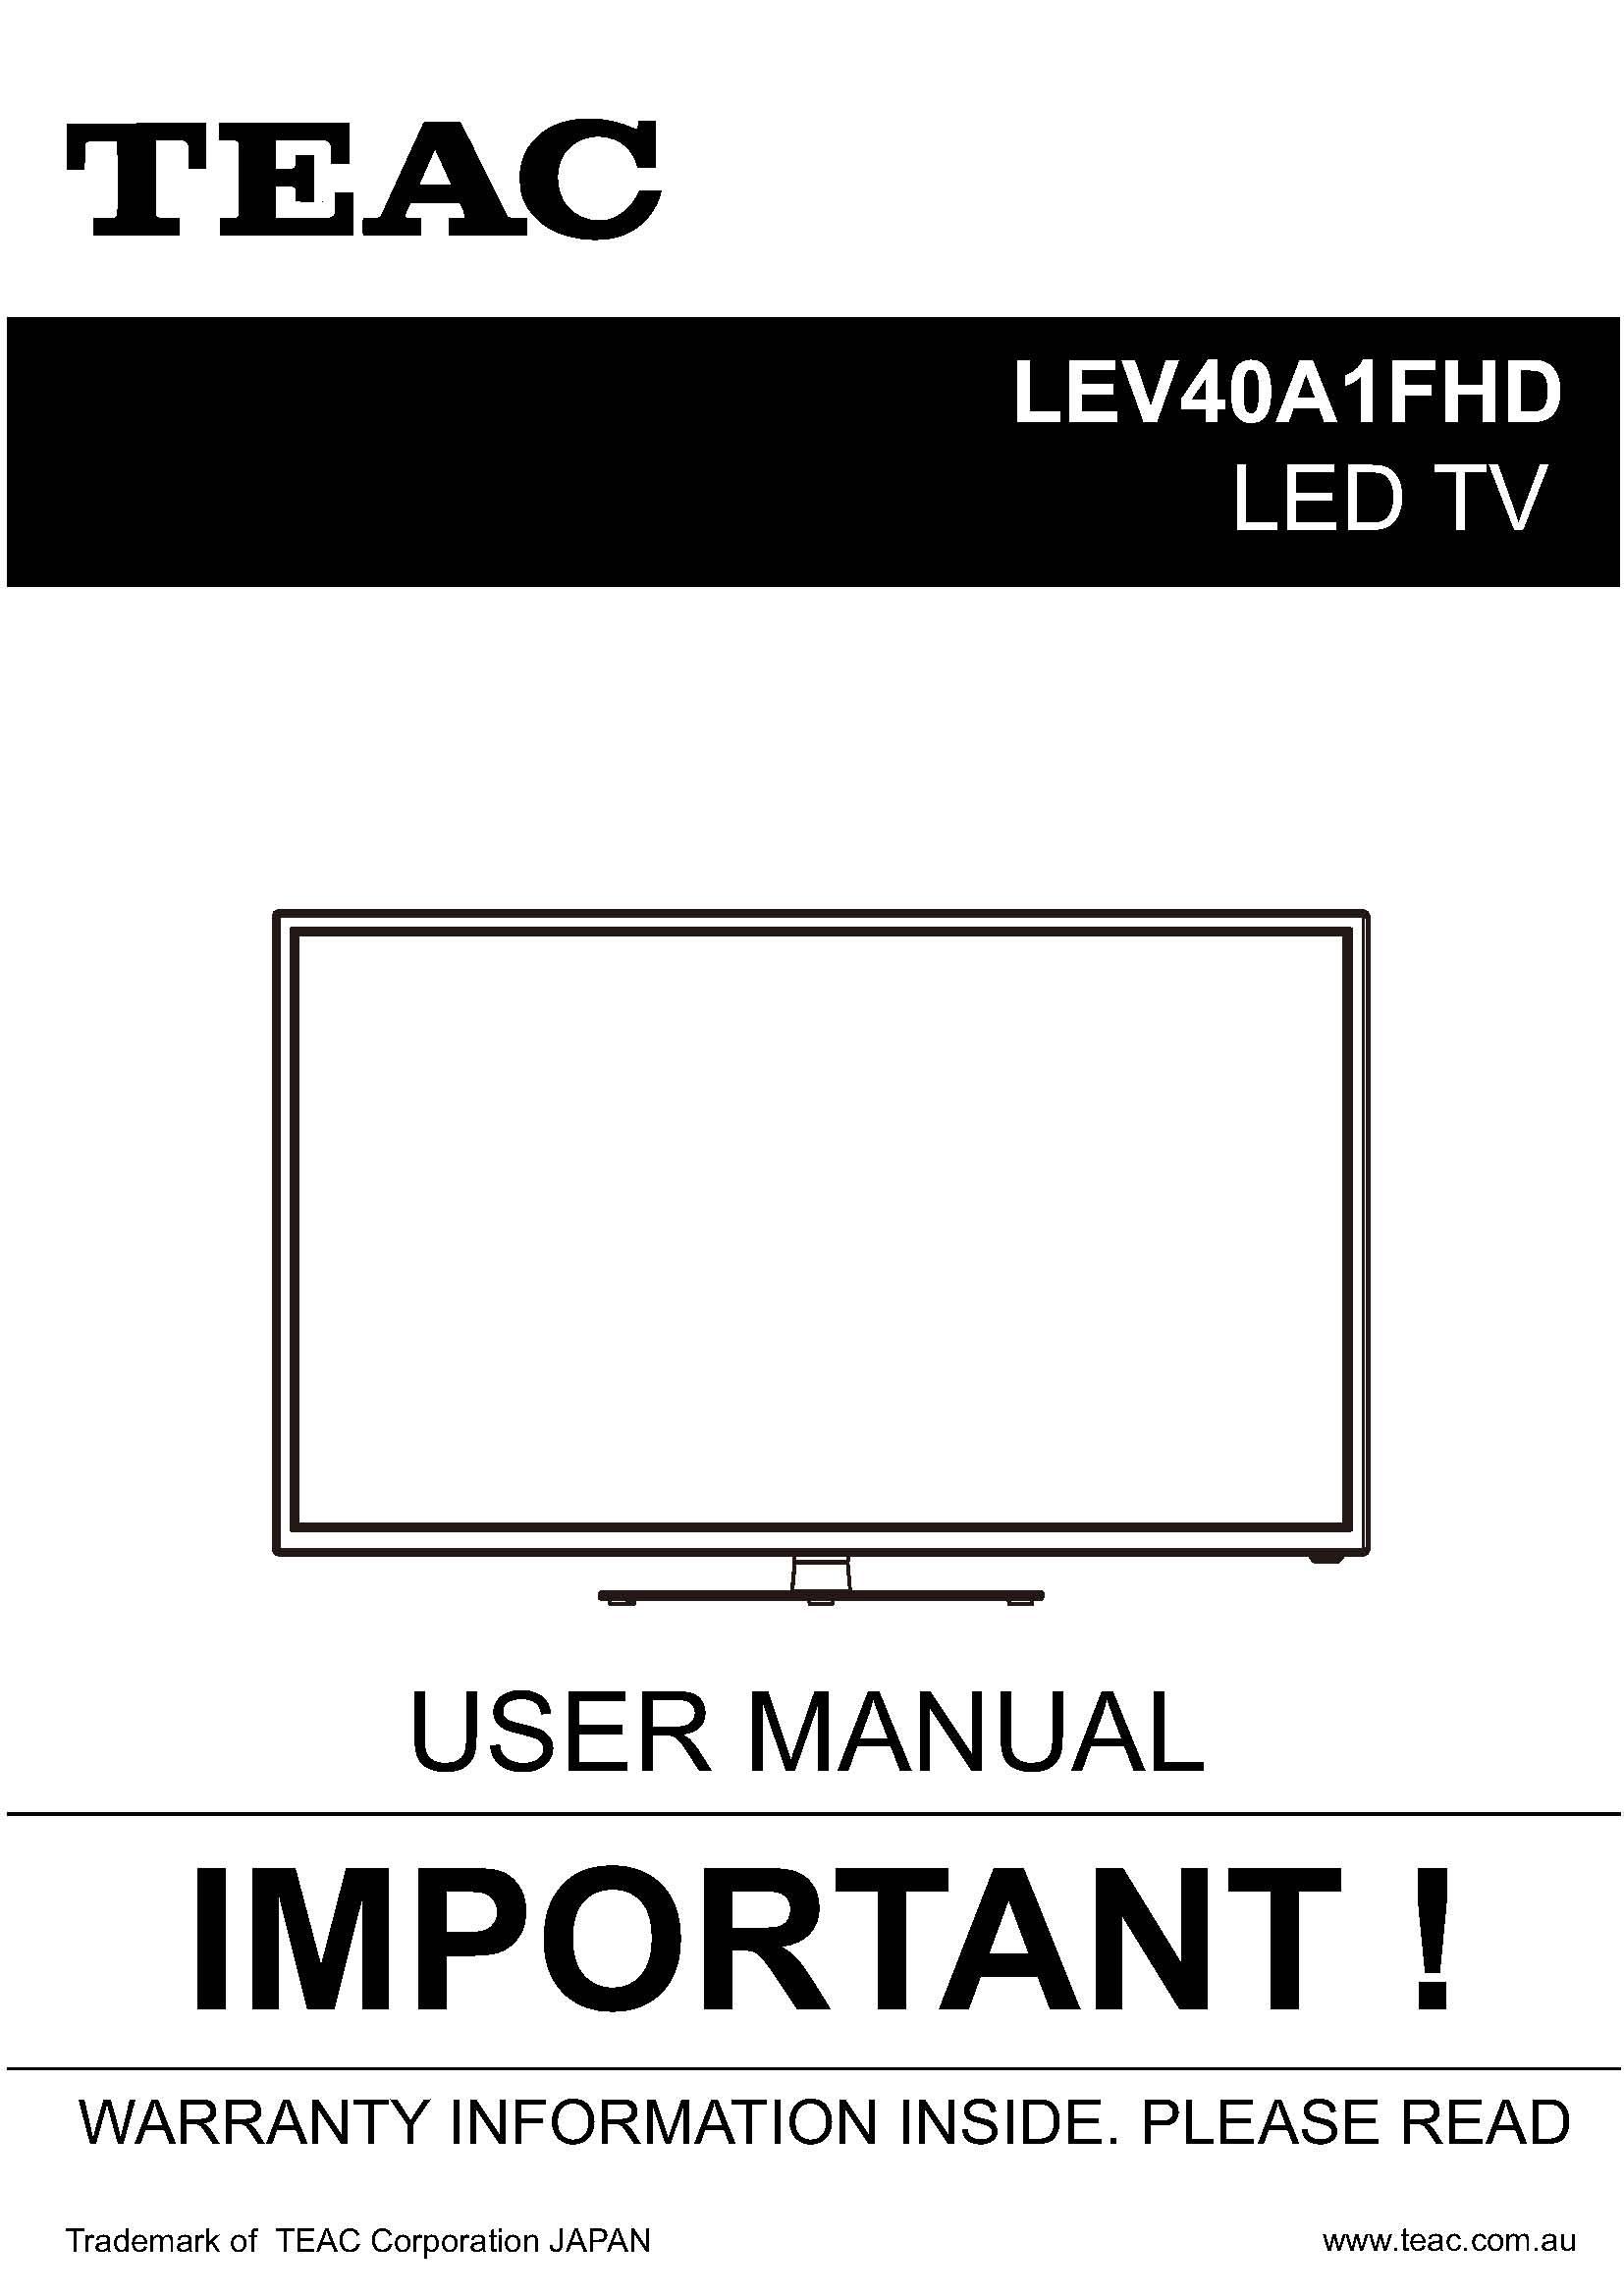 TEAC LEV40A1FHD_User_Manual